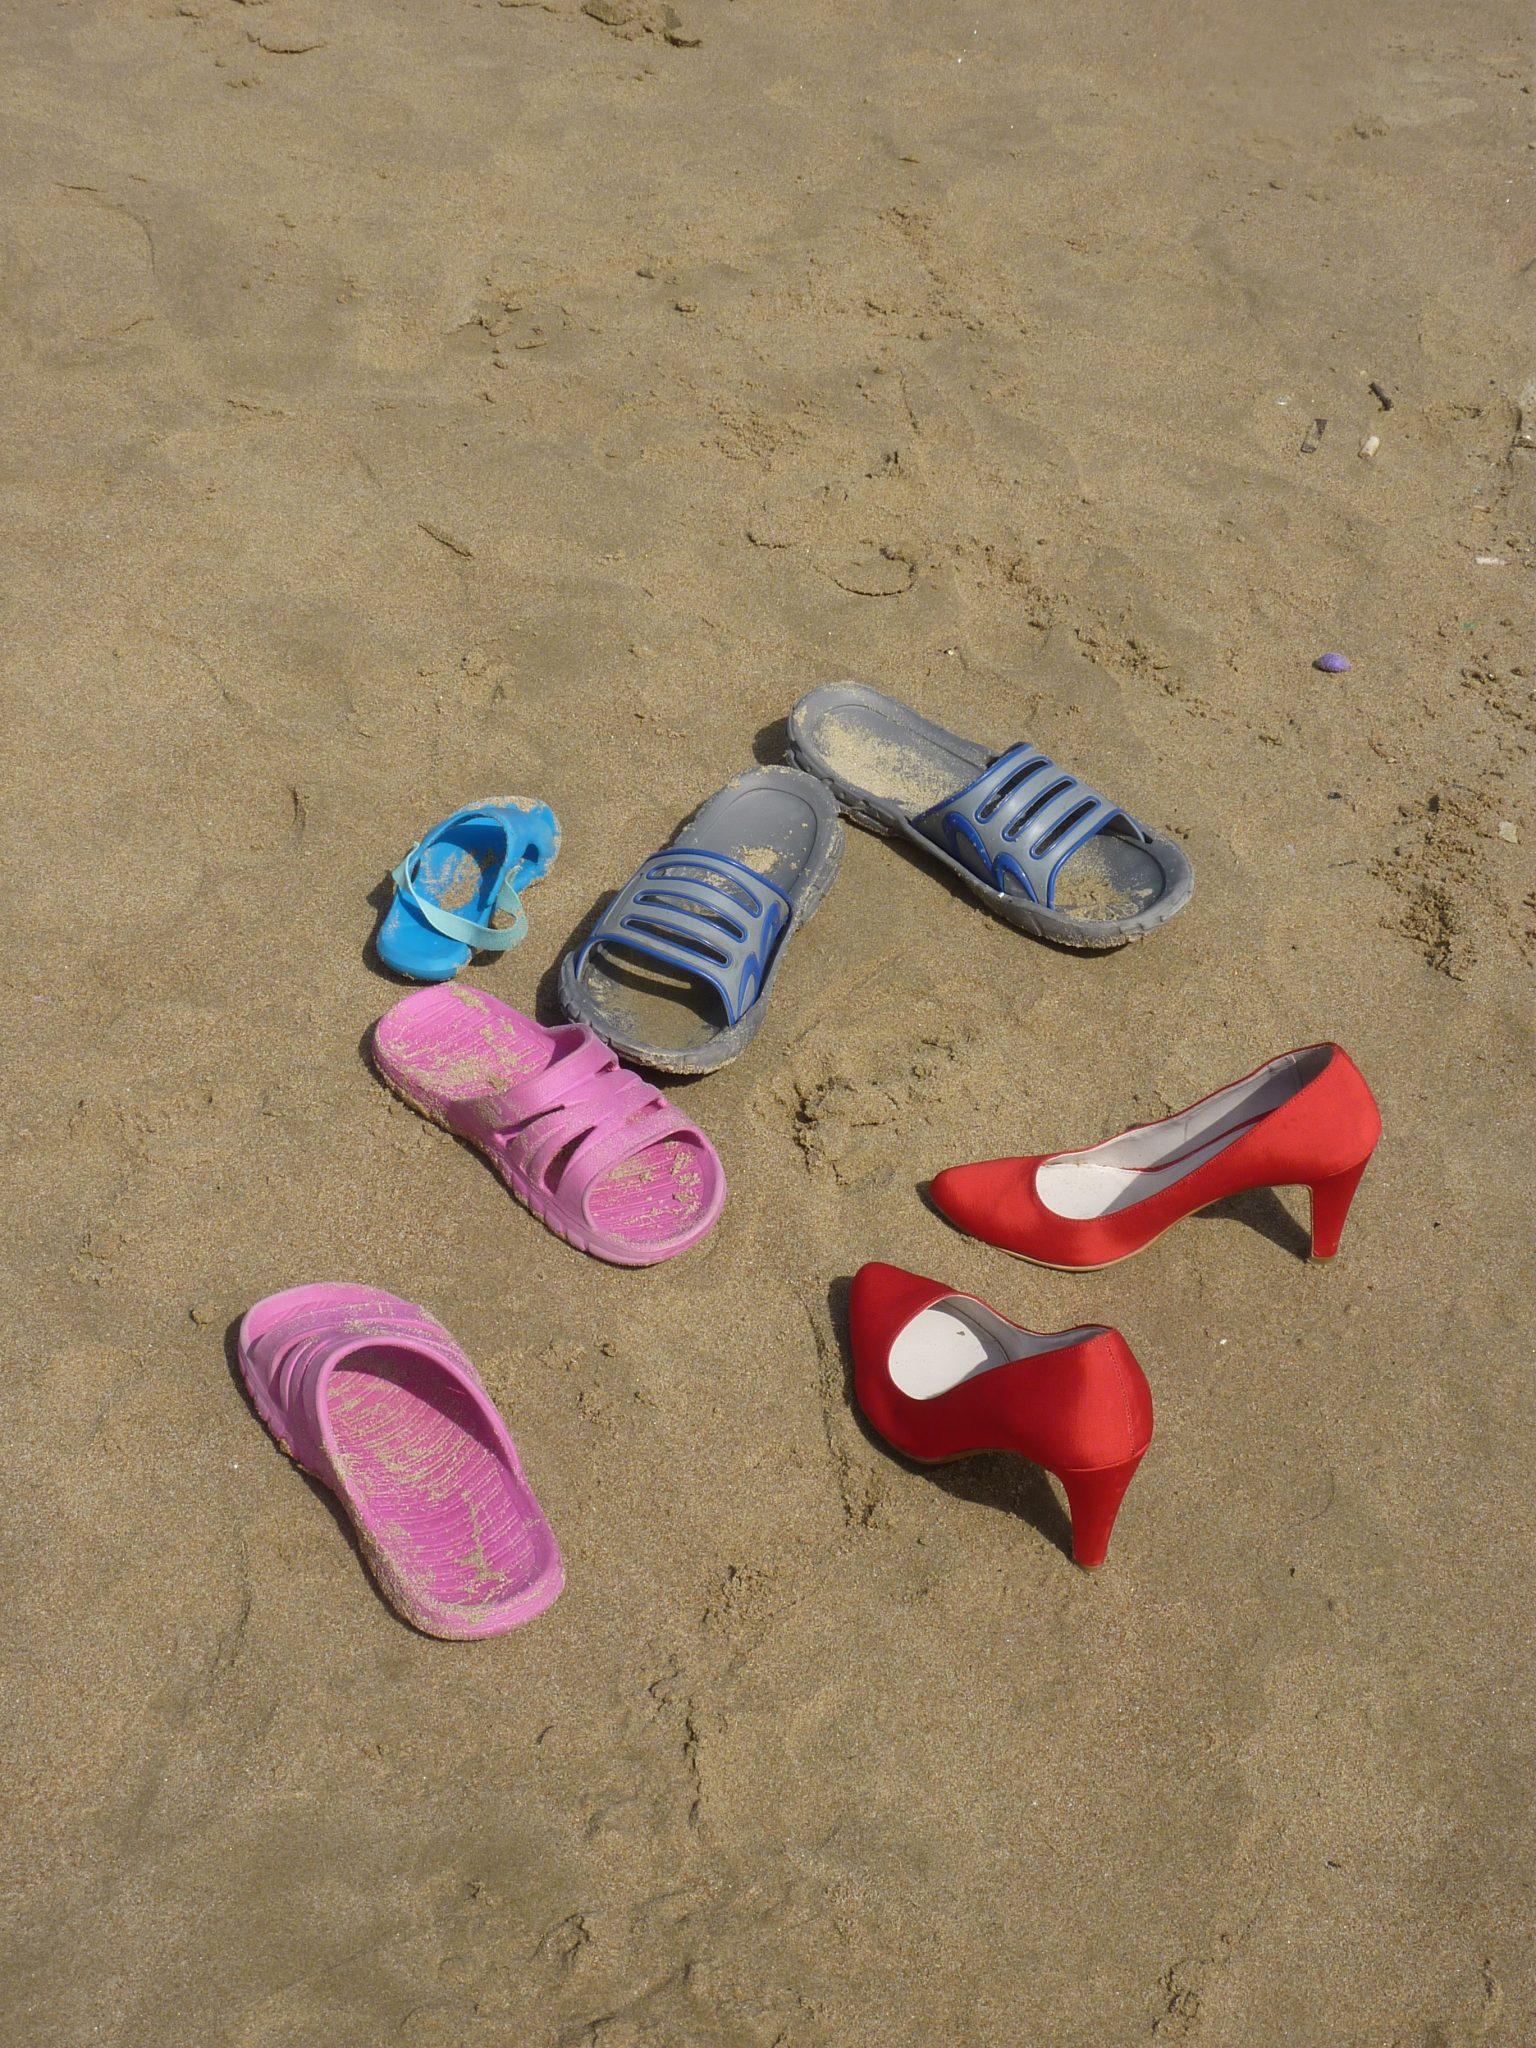 de la galería verano La City los Look del y playa en Qszvmgup horrores PiOXkZuTw